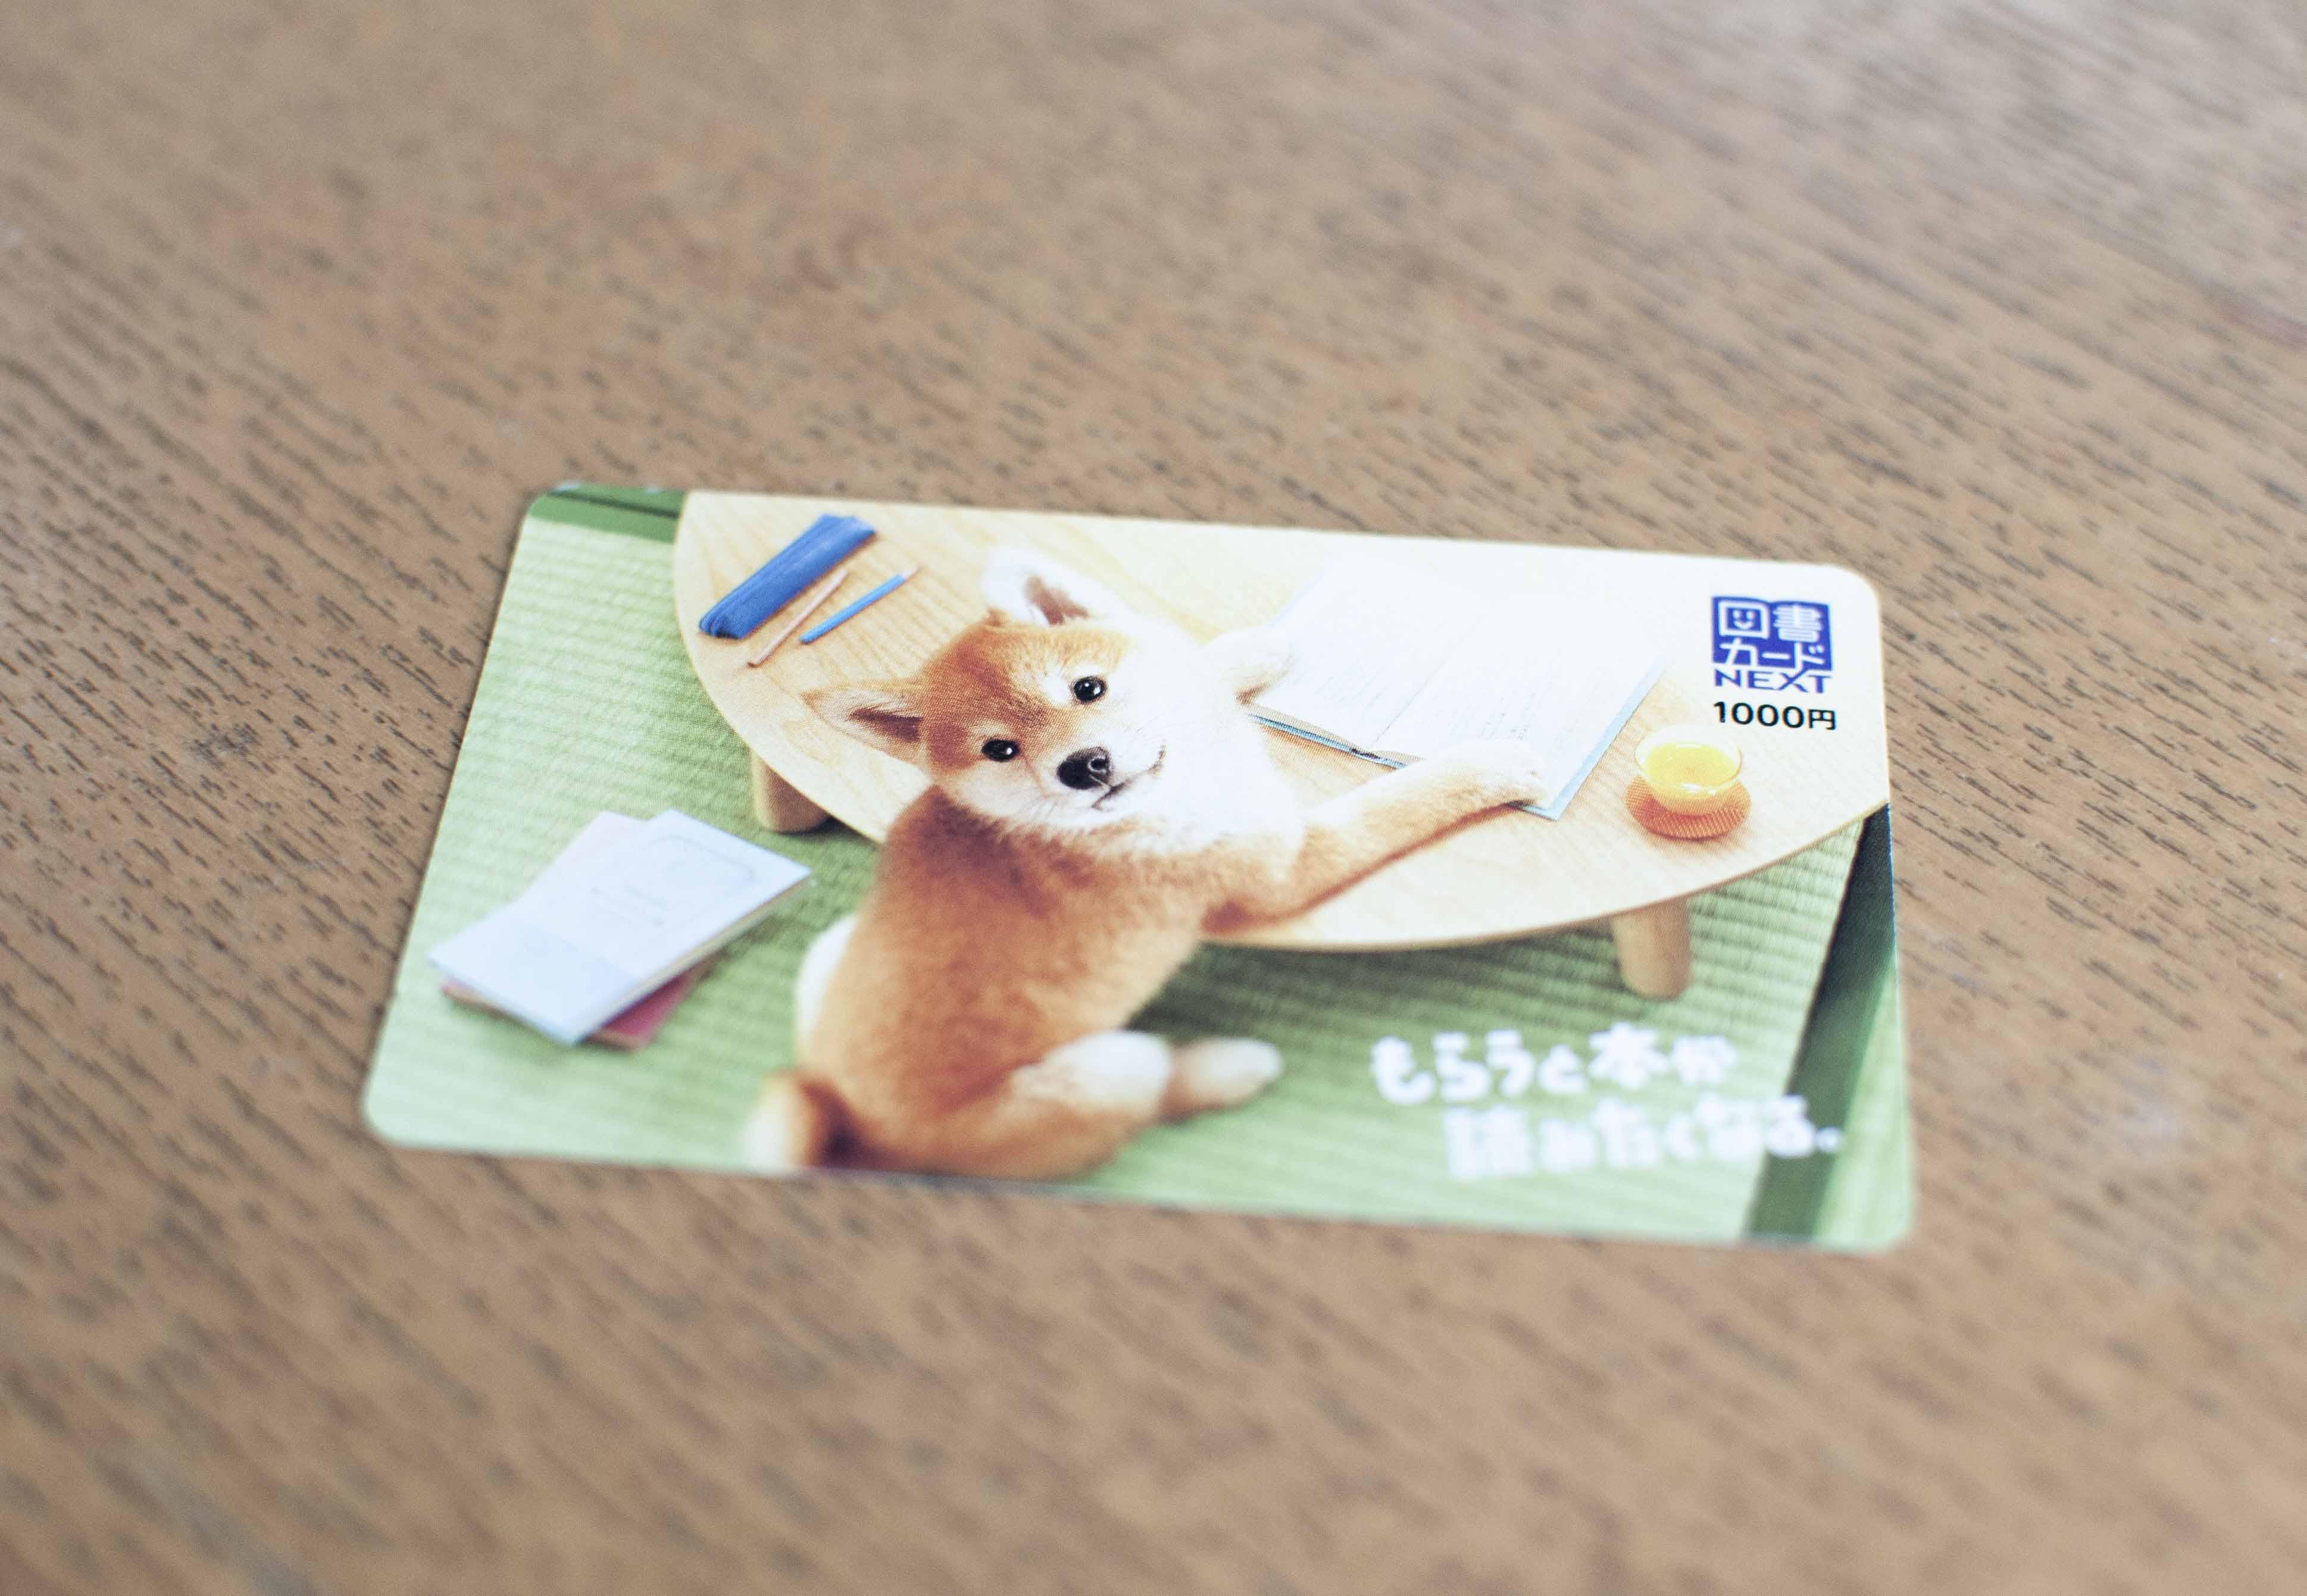 限定版柴犬図書カードNEXT単体画像